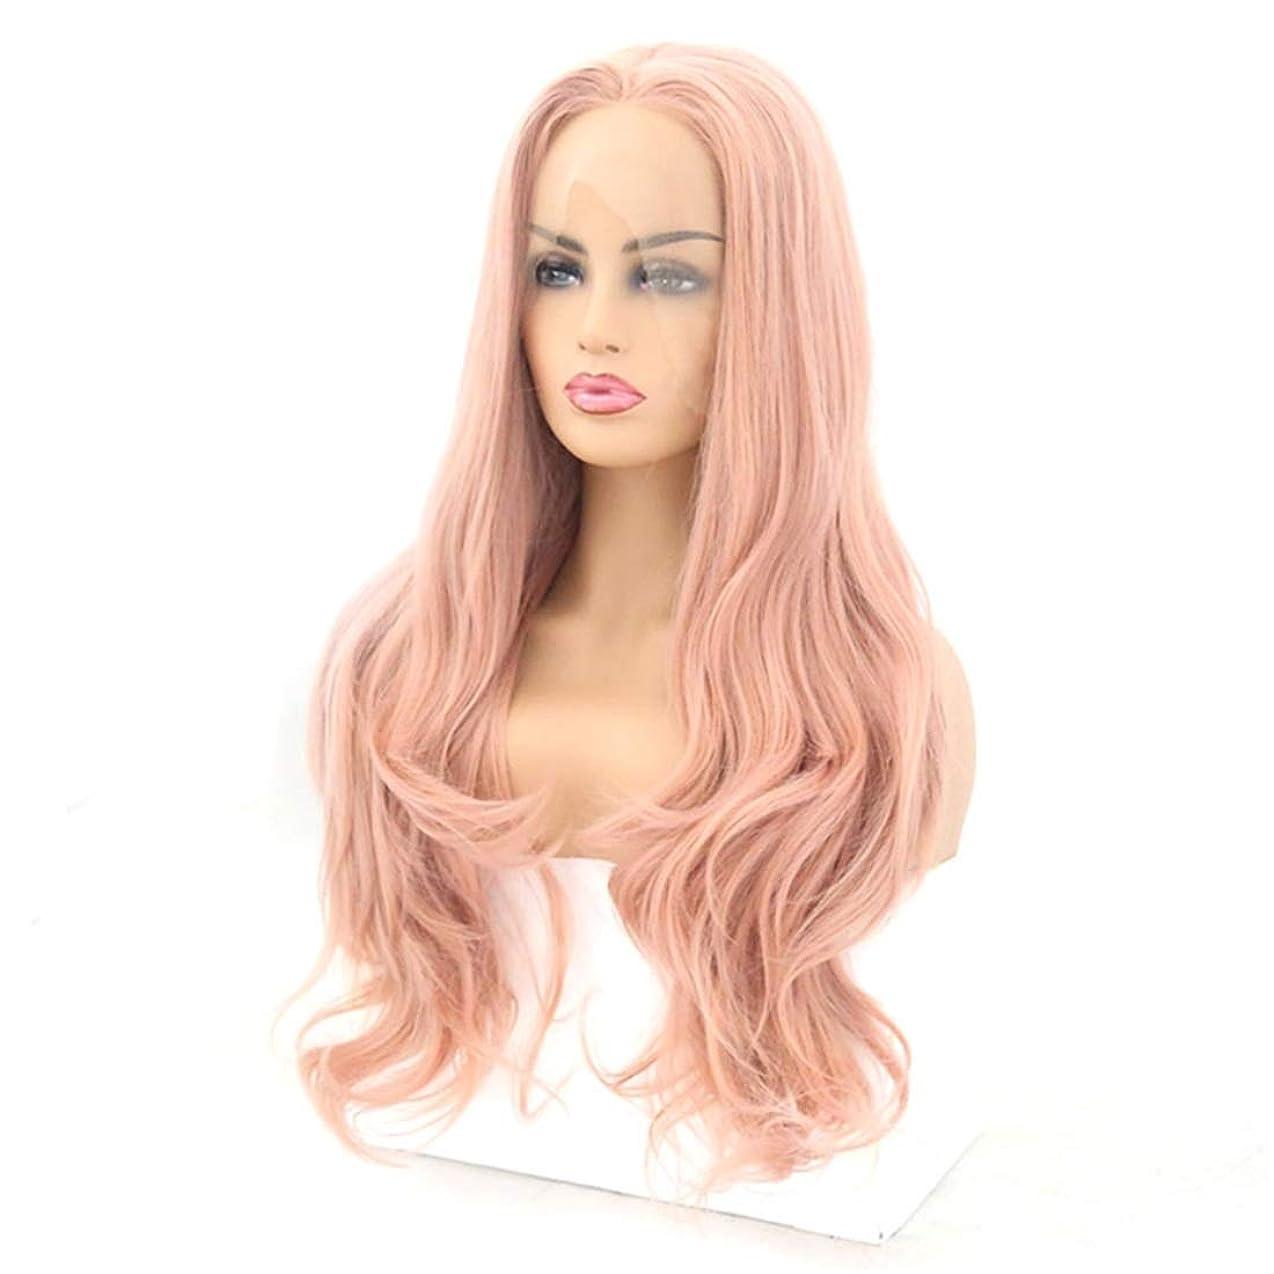 保証する笑フラスコKoloeplf フロントレースかつら長い巻き毛のかつら合成のカラフルなコスプレ日常パーティーかつら本物の髪として自然な女性のためのかつら